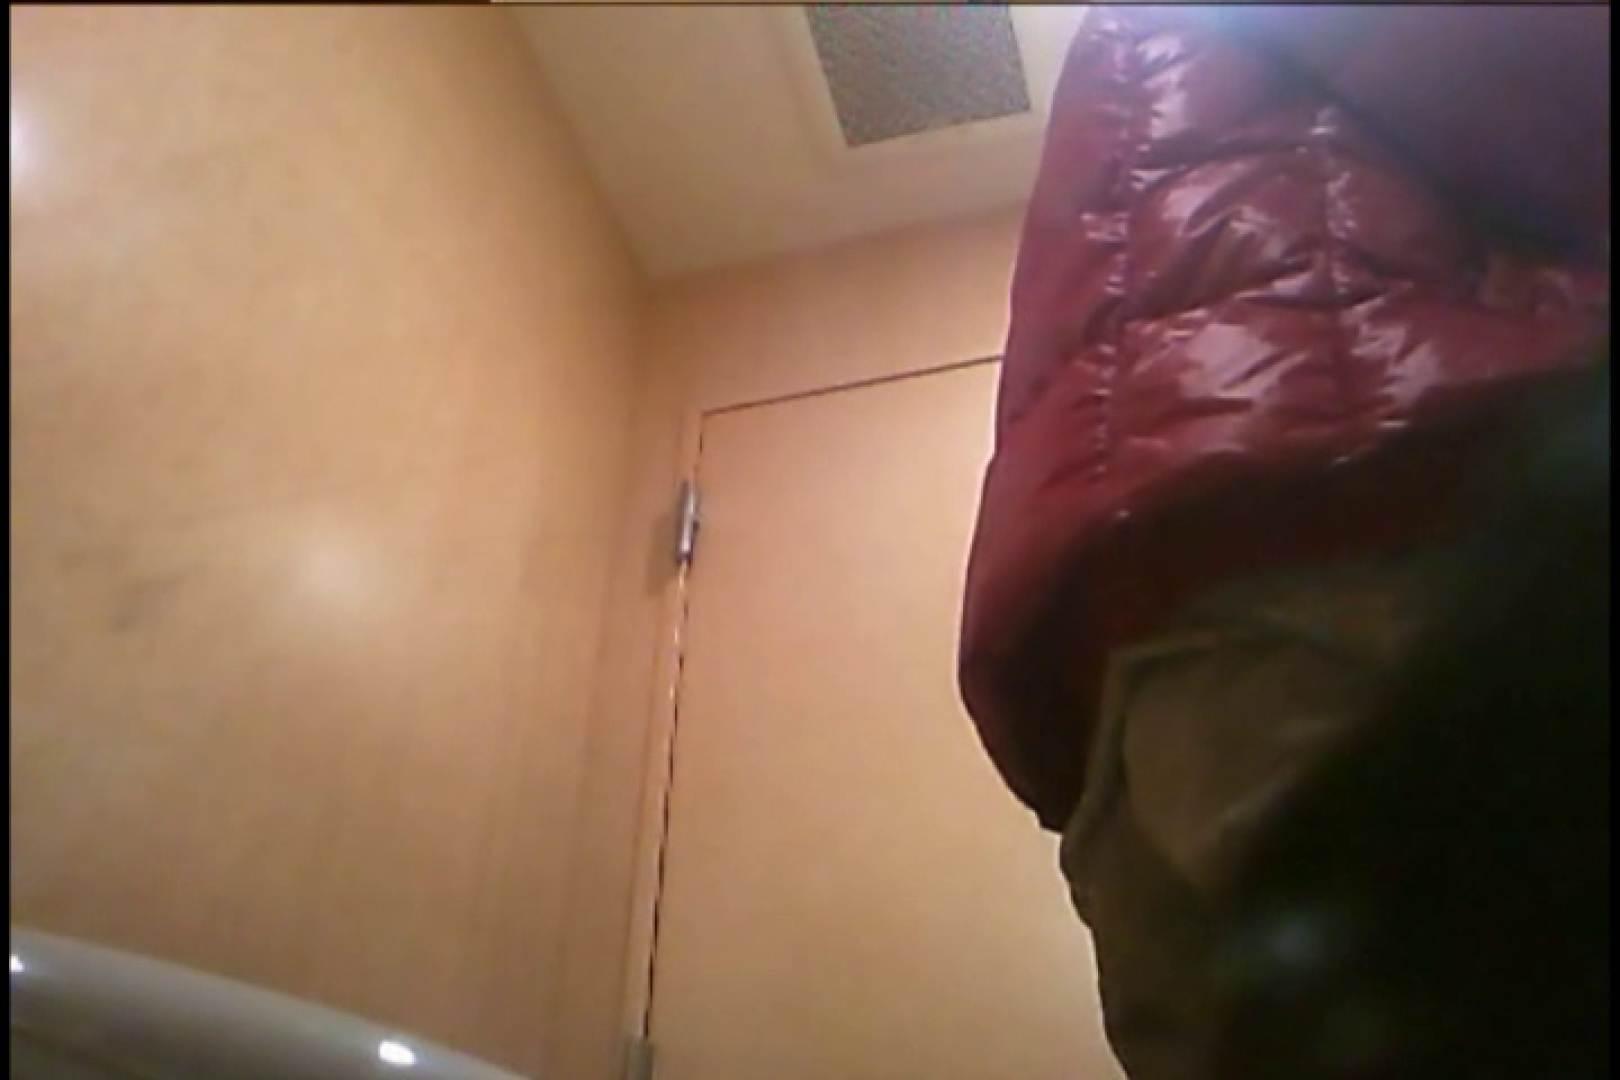 潜入!!女子化粧室盗撮~絶対見られたくない時間~vo,75 潜入突撃 エロ画像 96pic 83